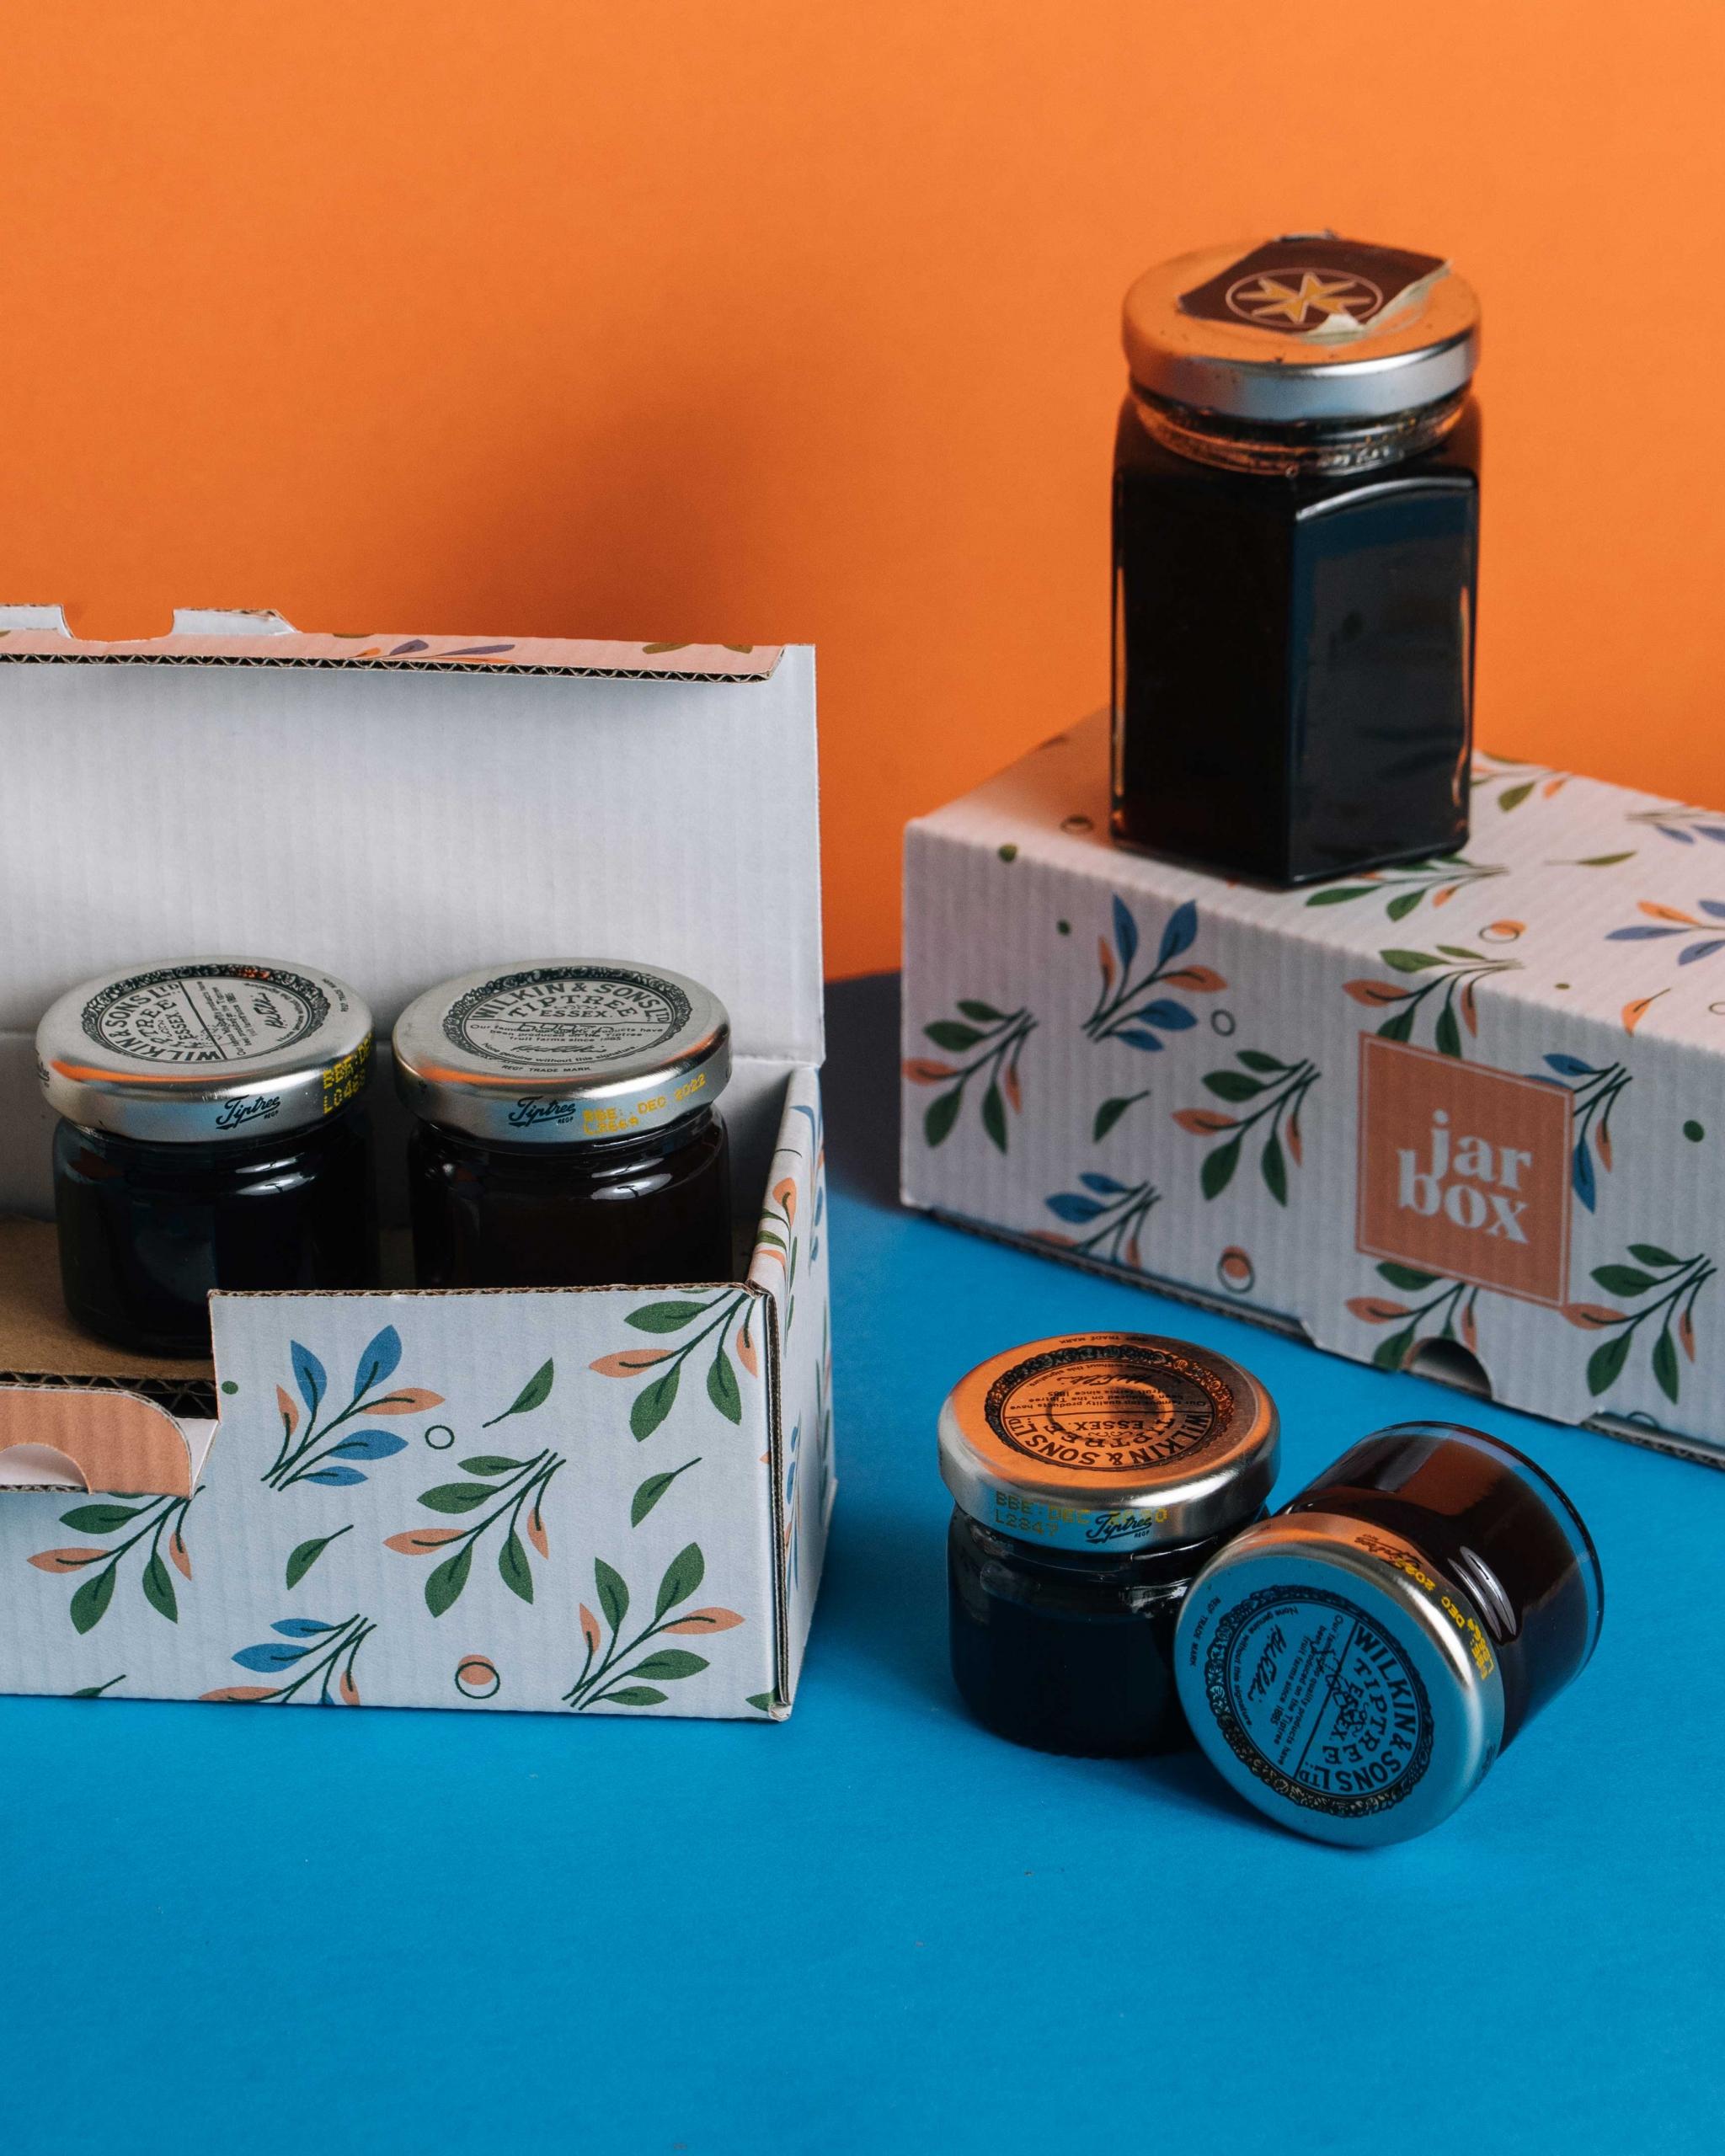 Digital x3 Jars